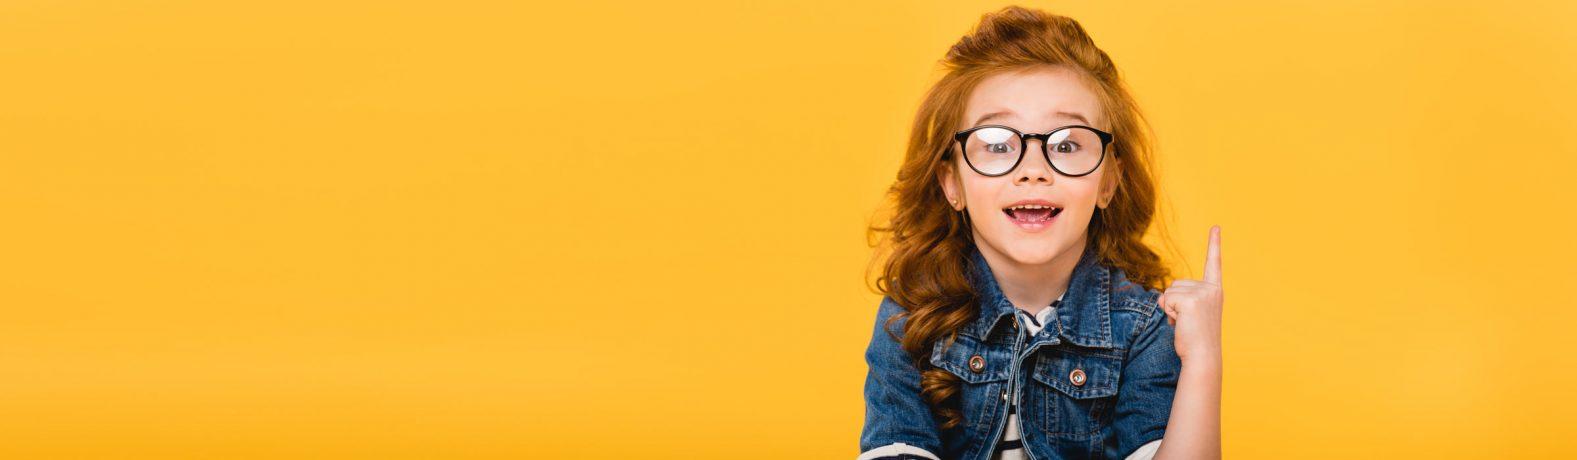 Mädchen mit Brille zeigt nach oben